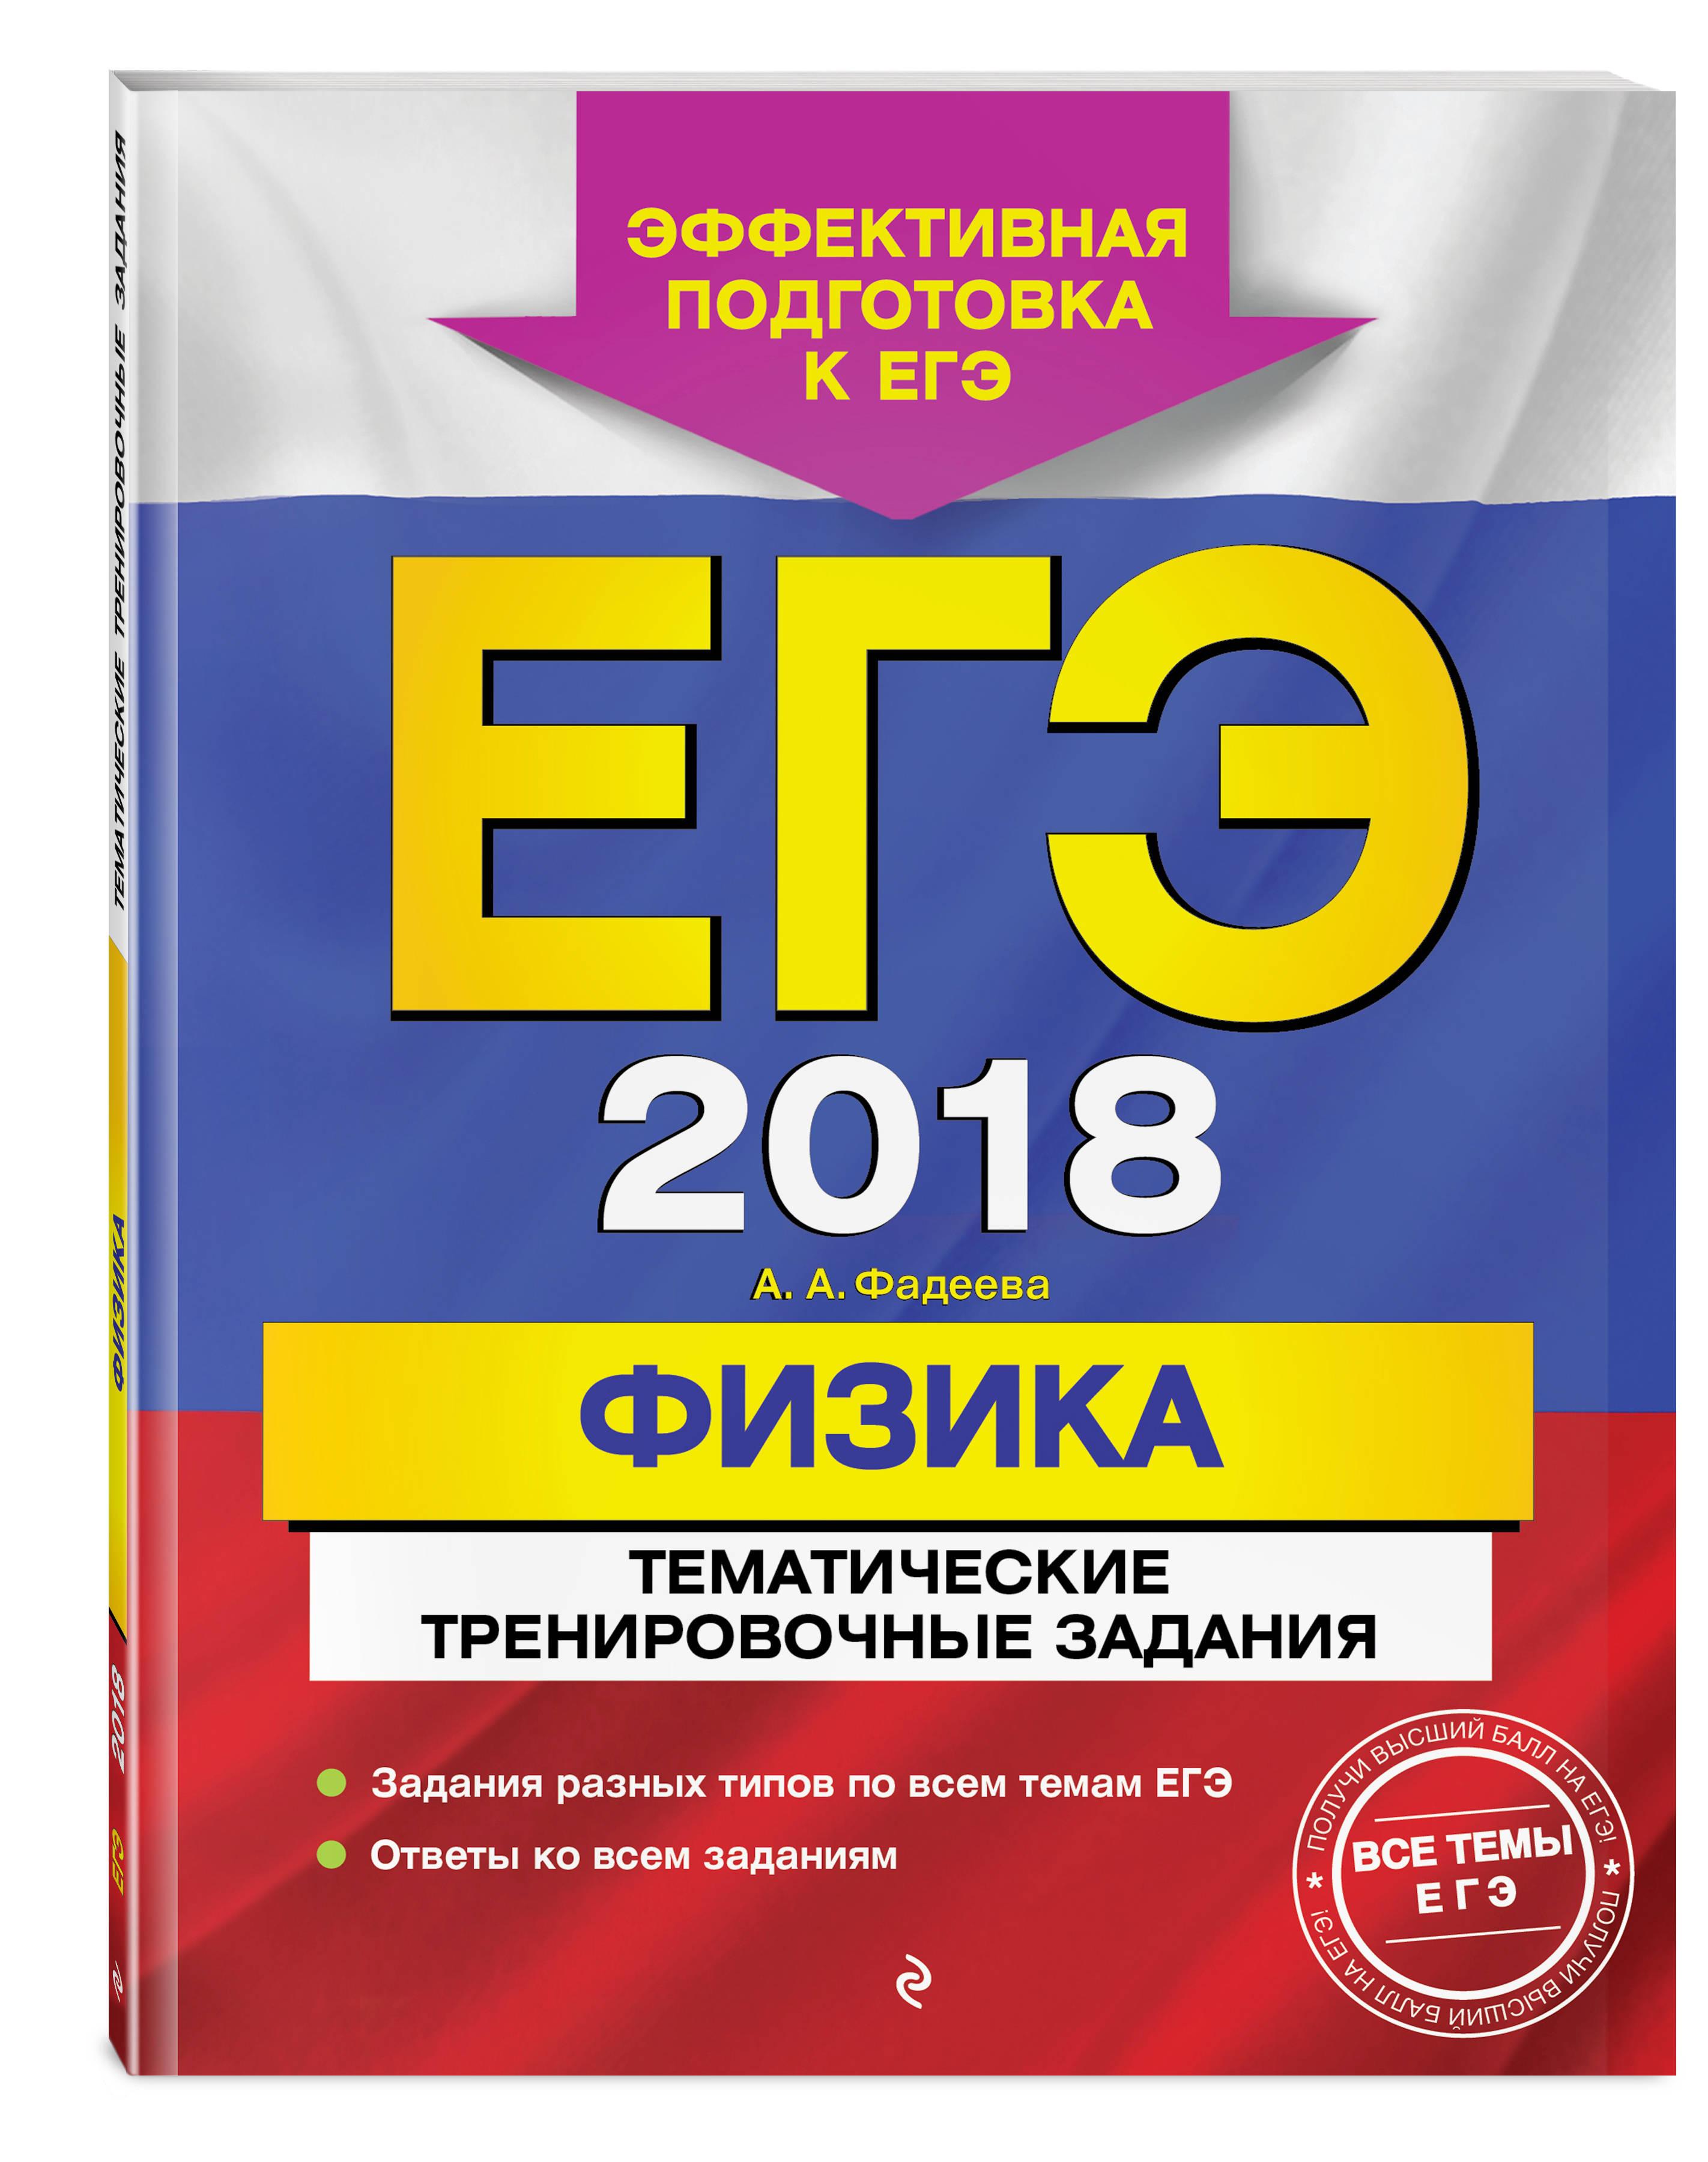 ЕГЭ-2018. Физика. Тематические тренировочные задания от book24.ru